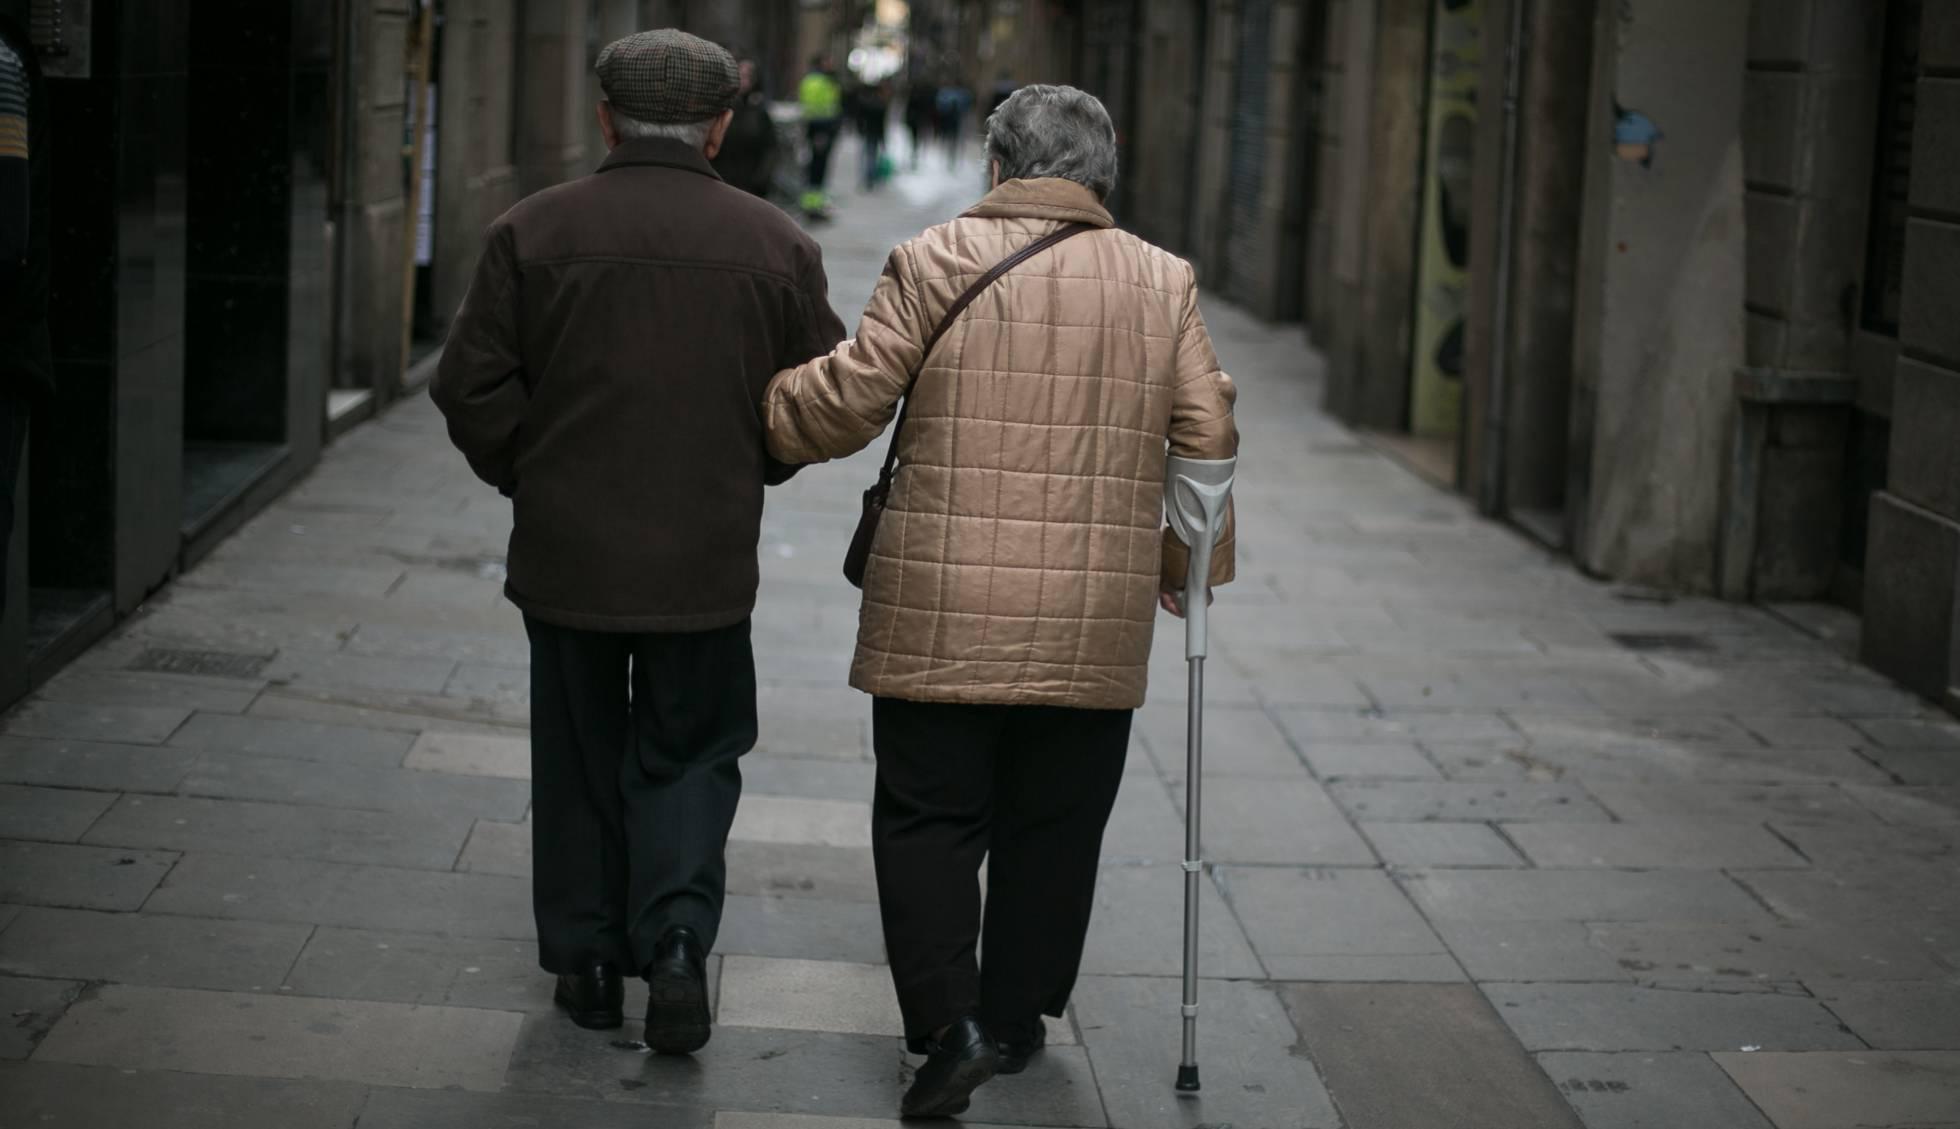 Какой будет Испания в 2050 году